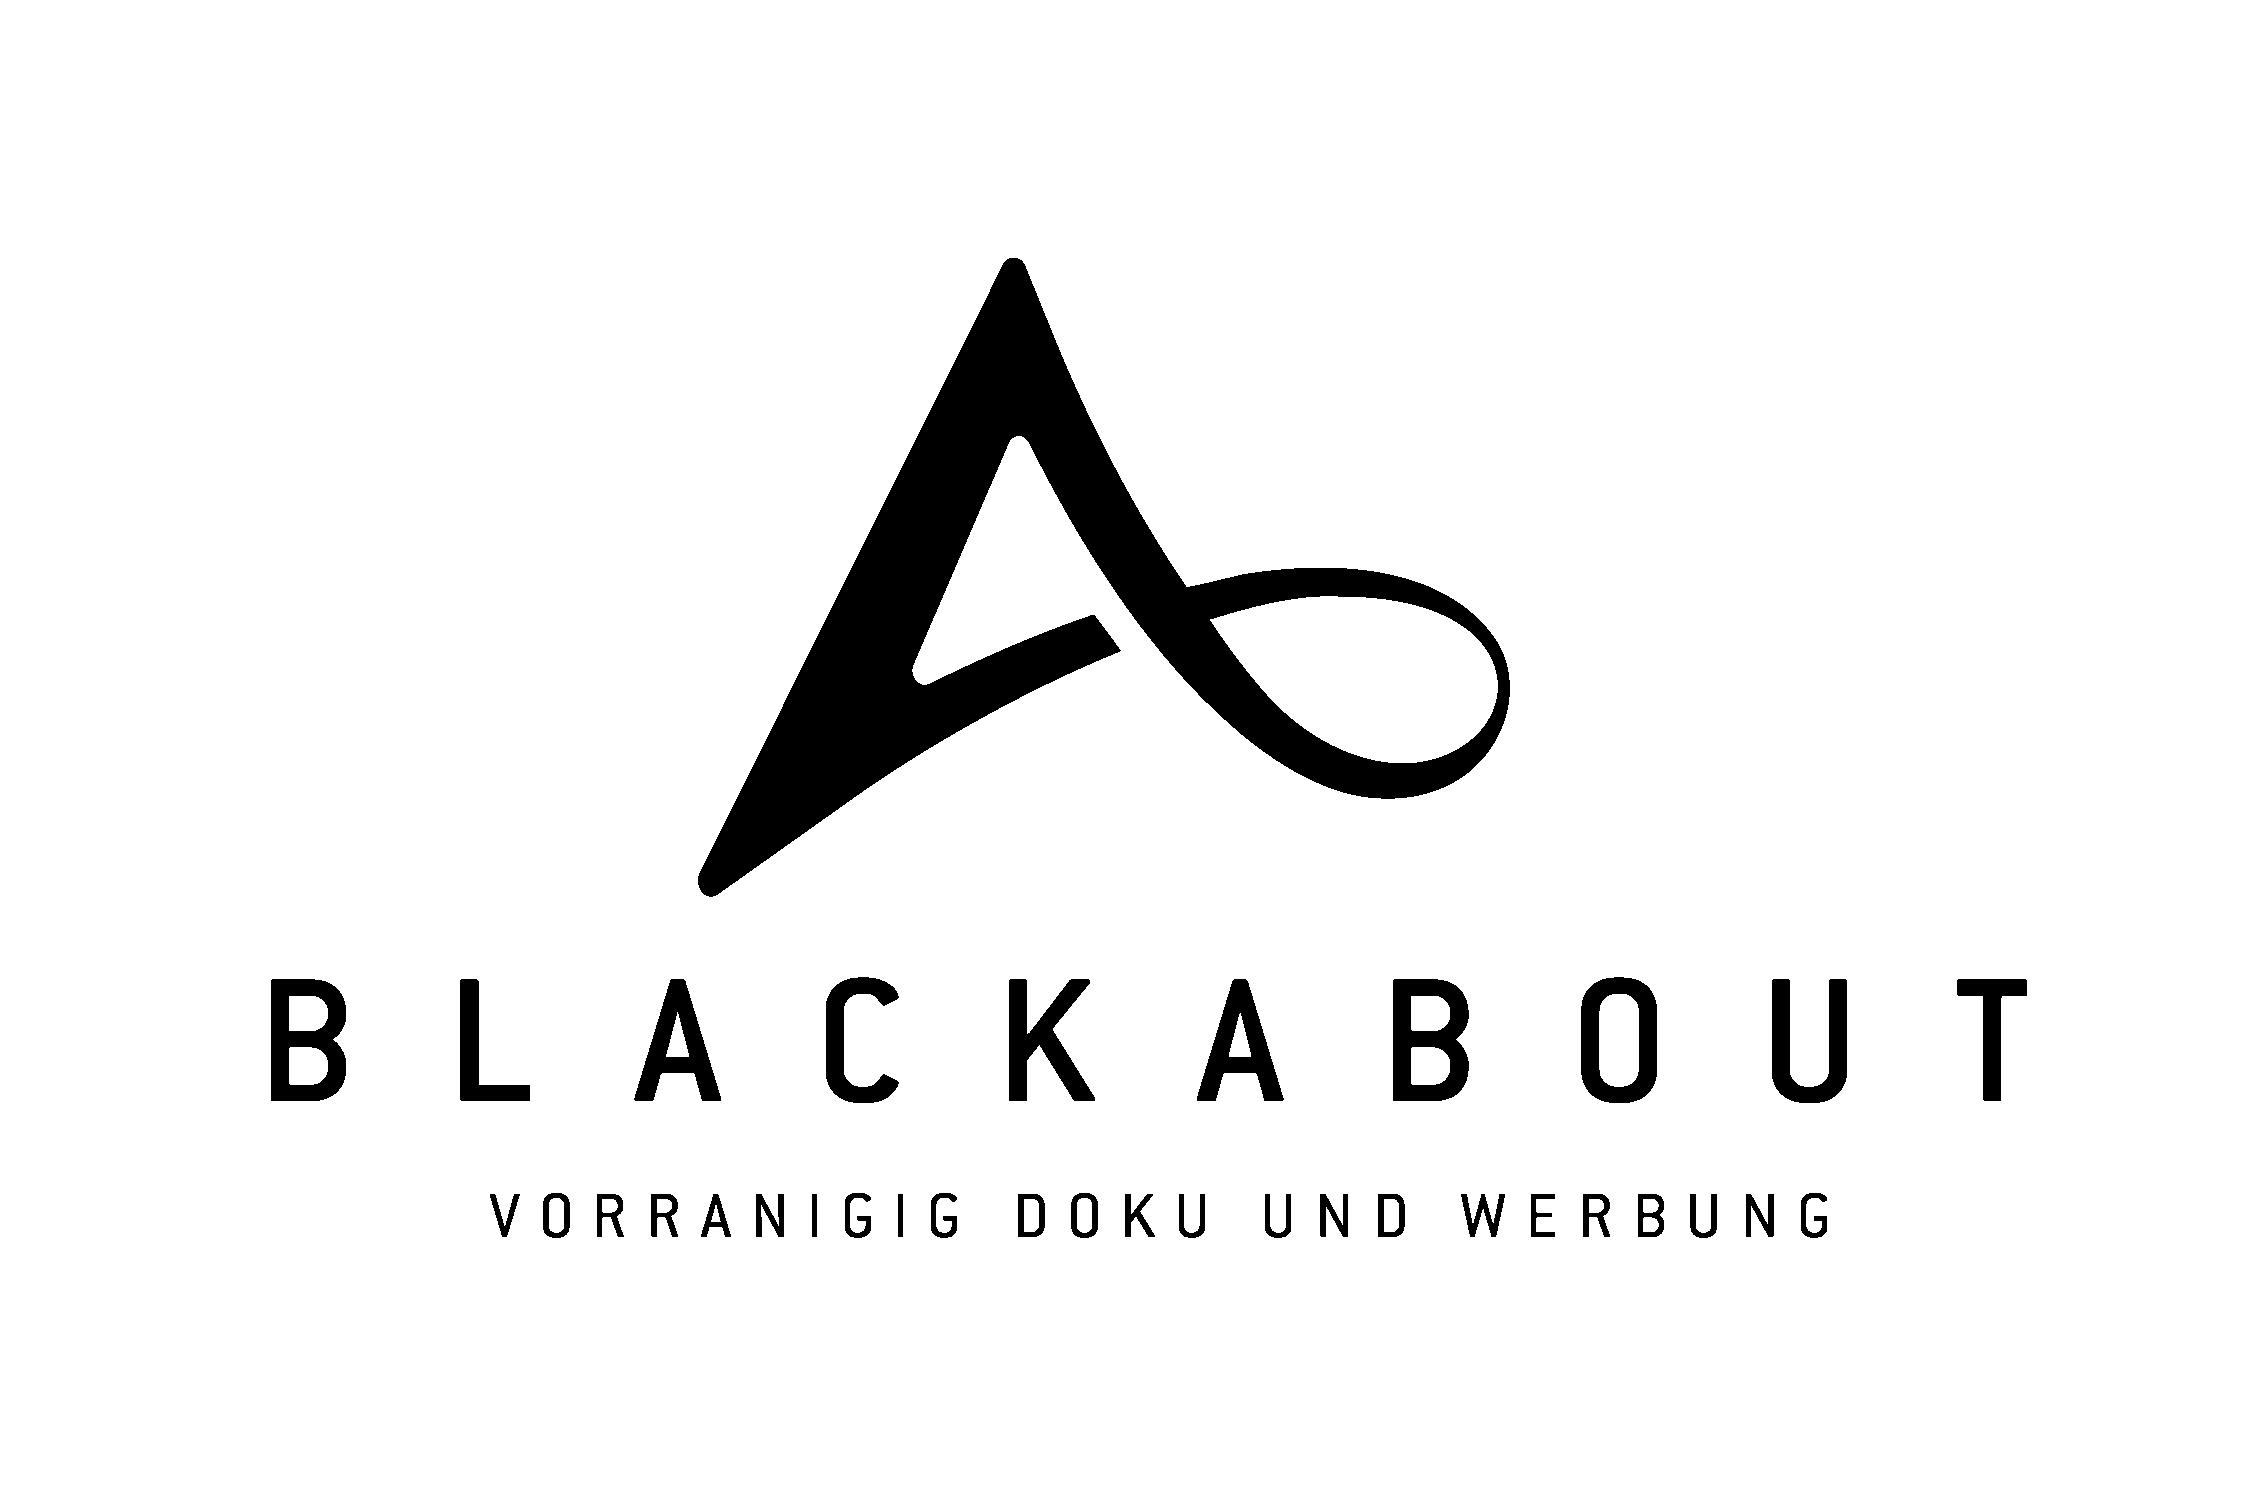 blackabout - Videoproduktion braucht ein Logo!